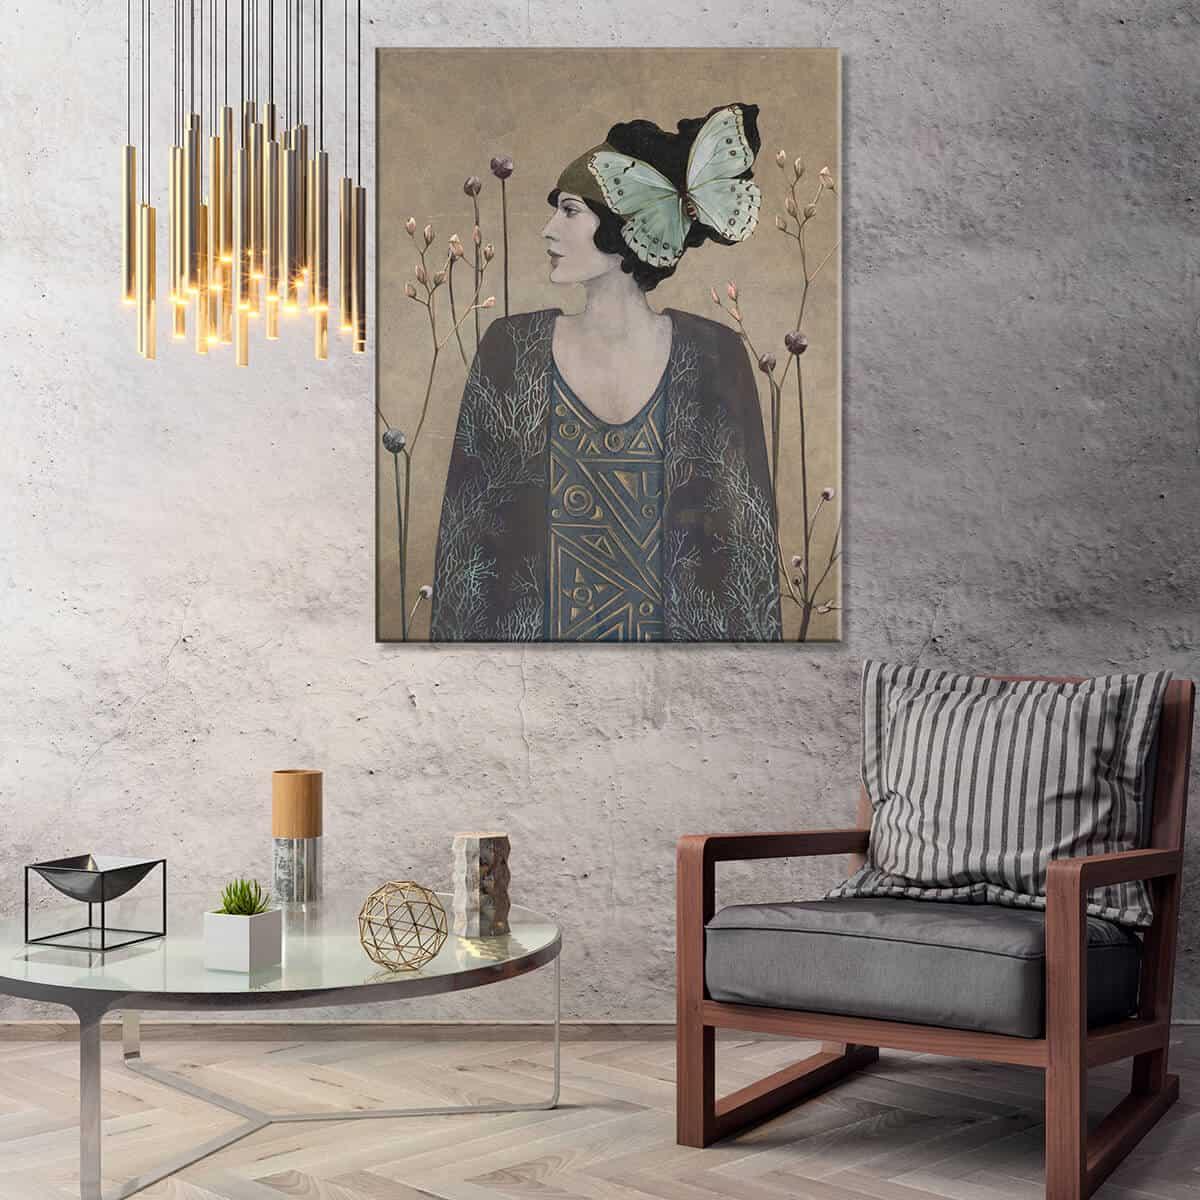 Nowocześnie urządzony salon na ścianie grafika w stylu modernistycznym